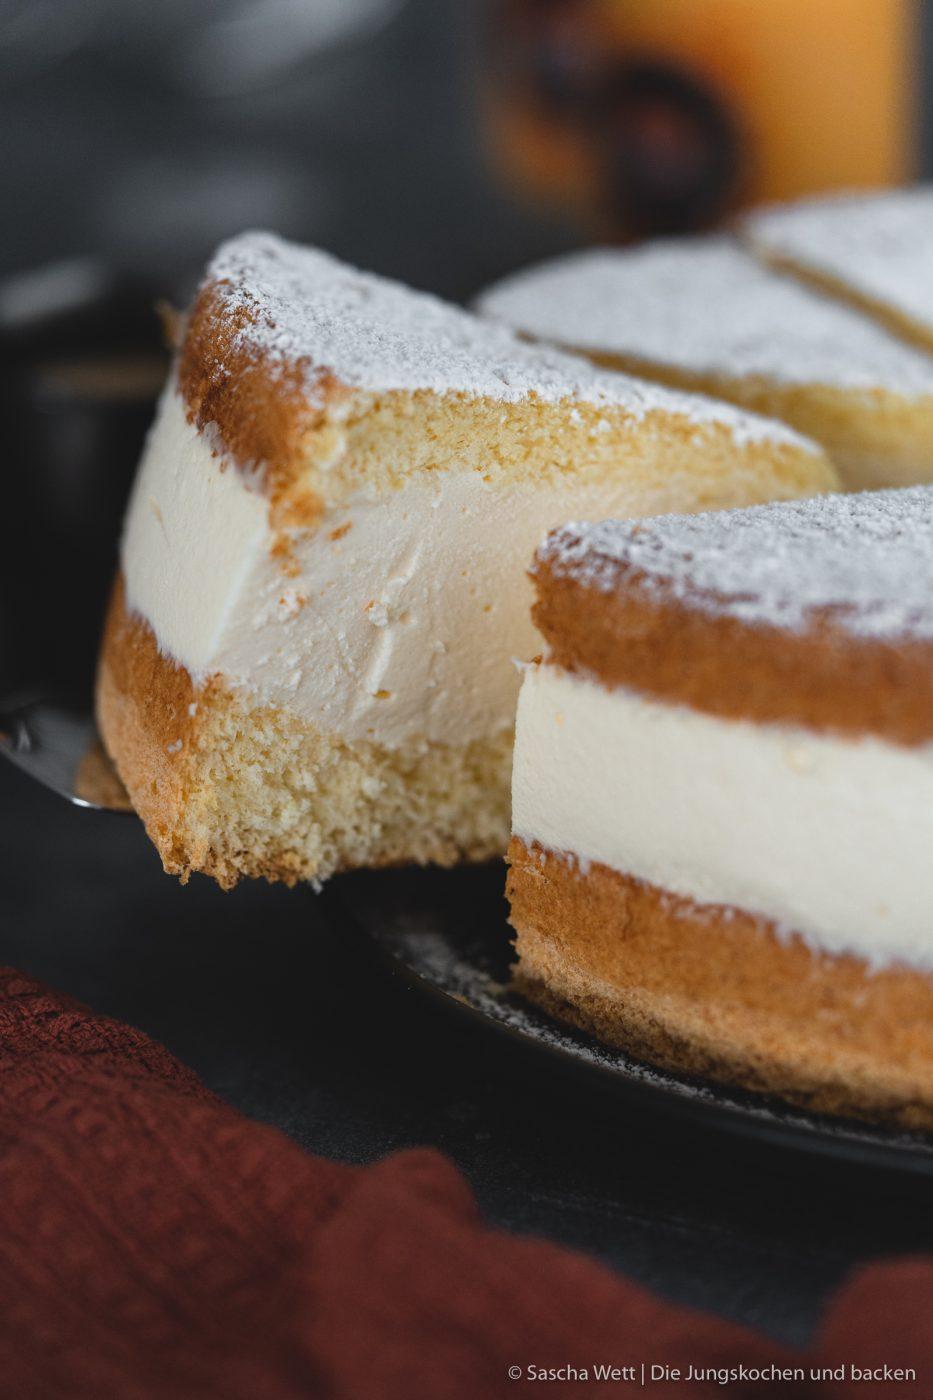 K%C3%A4se Sahne Torte Verpoorten 5 | Wir beide haben schon seit ganz langer Zeit vor, eine für uns ganz besondere Torte selber einmal zuzubereiten. Die Käse-Sahne-Torte. Warum etwas ganz Besonderes? Irgendwie hatten unsere beiden Omas eine Vorliebe dafür. Die Käse-Sahne-Torte kam sowohl bei Oma Lore, als auch bei Saschas Oma Frieda immer wieder auf den Kaffeetisch, wenn sich Gäste angekündigt hatten oder ein Feiertag anstand. Allerdings haben sie den damals nicht so fruchtig verfeinert, wie wir heute.